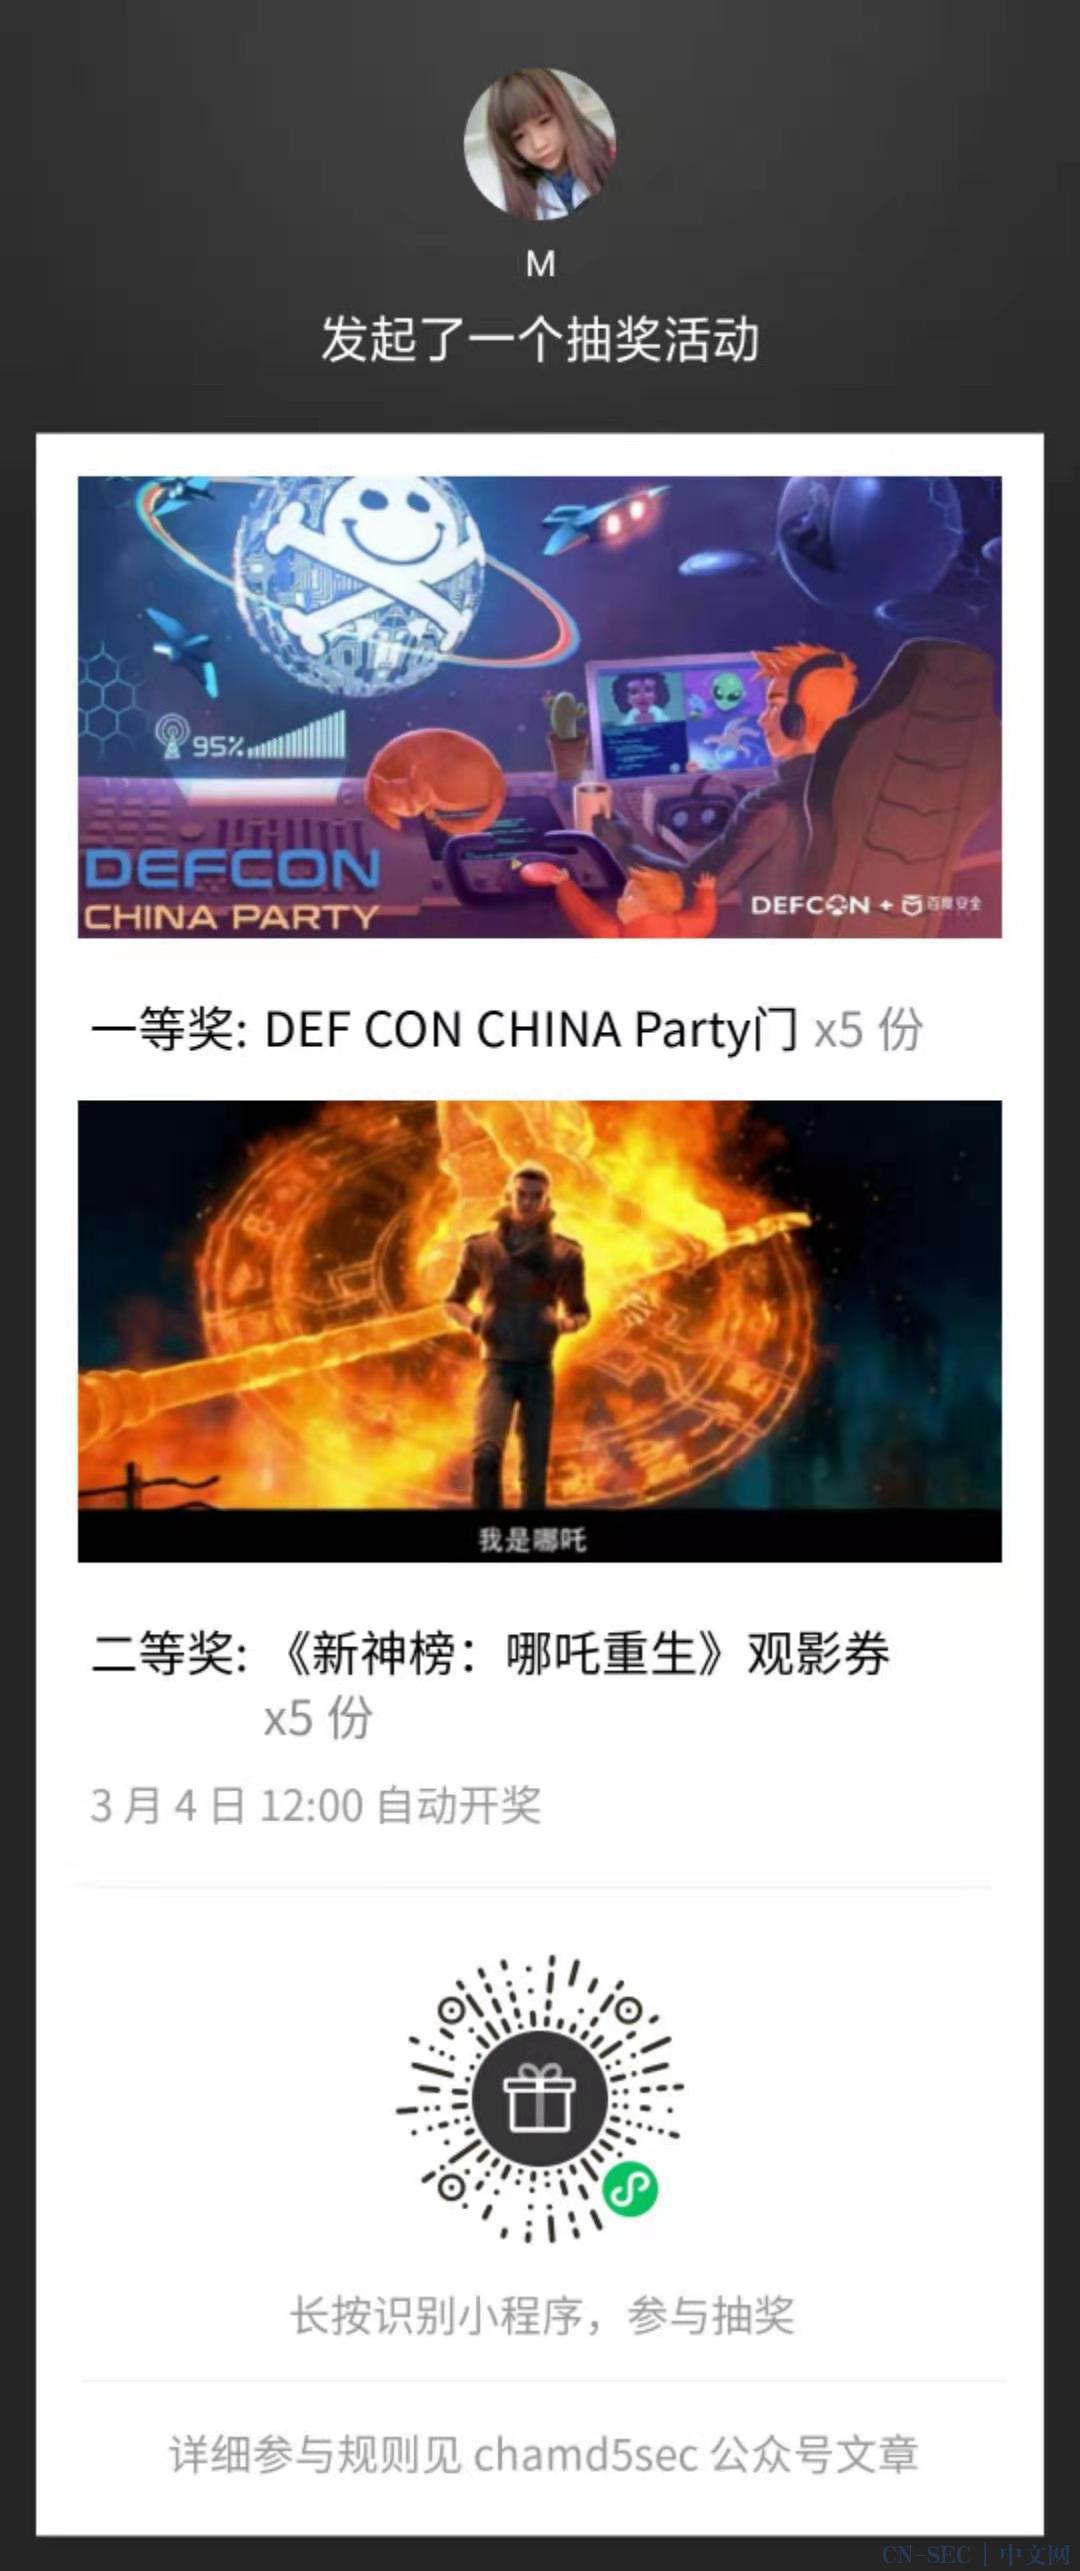 3月20日,DEF CON CHINA Party来了!(底部福利)